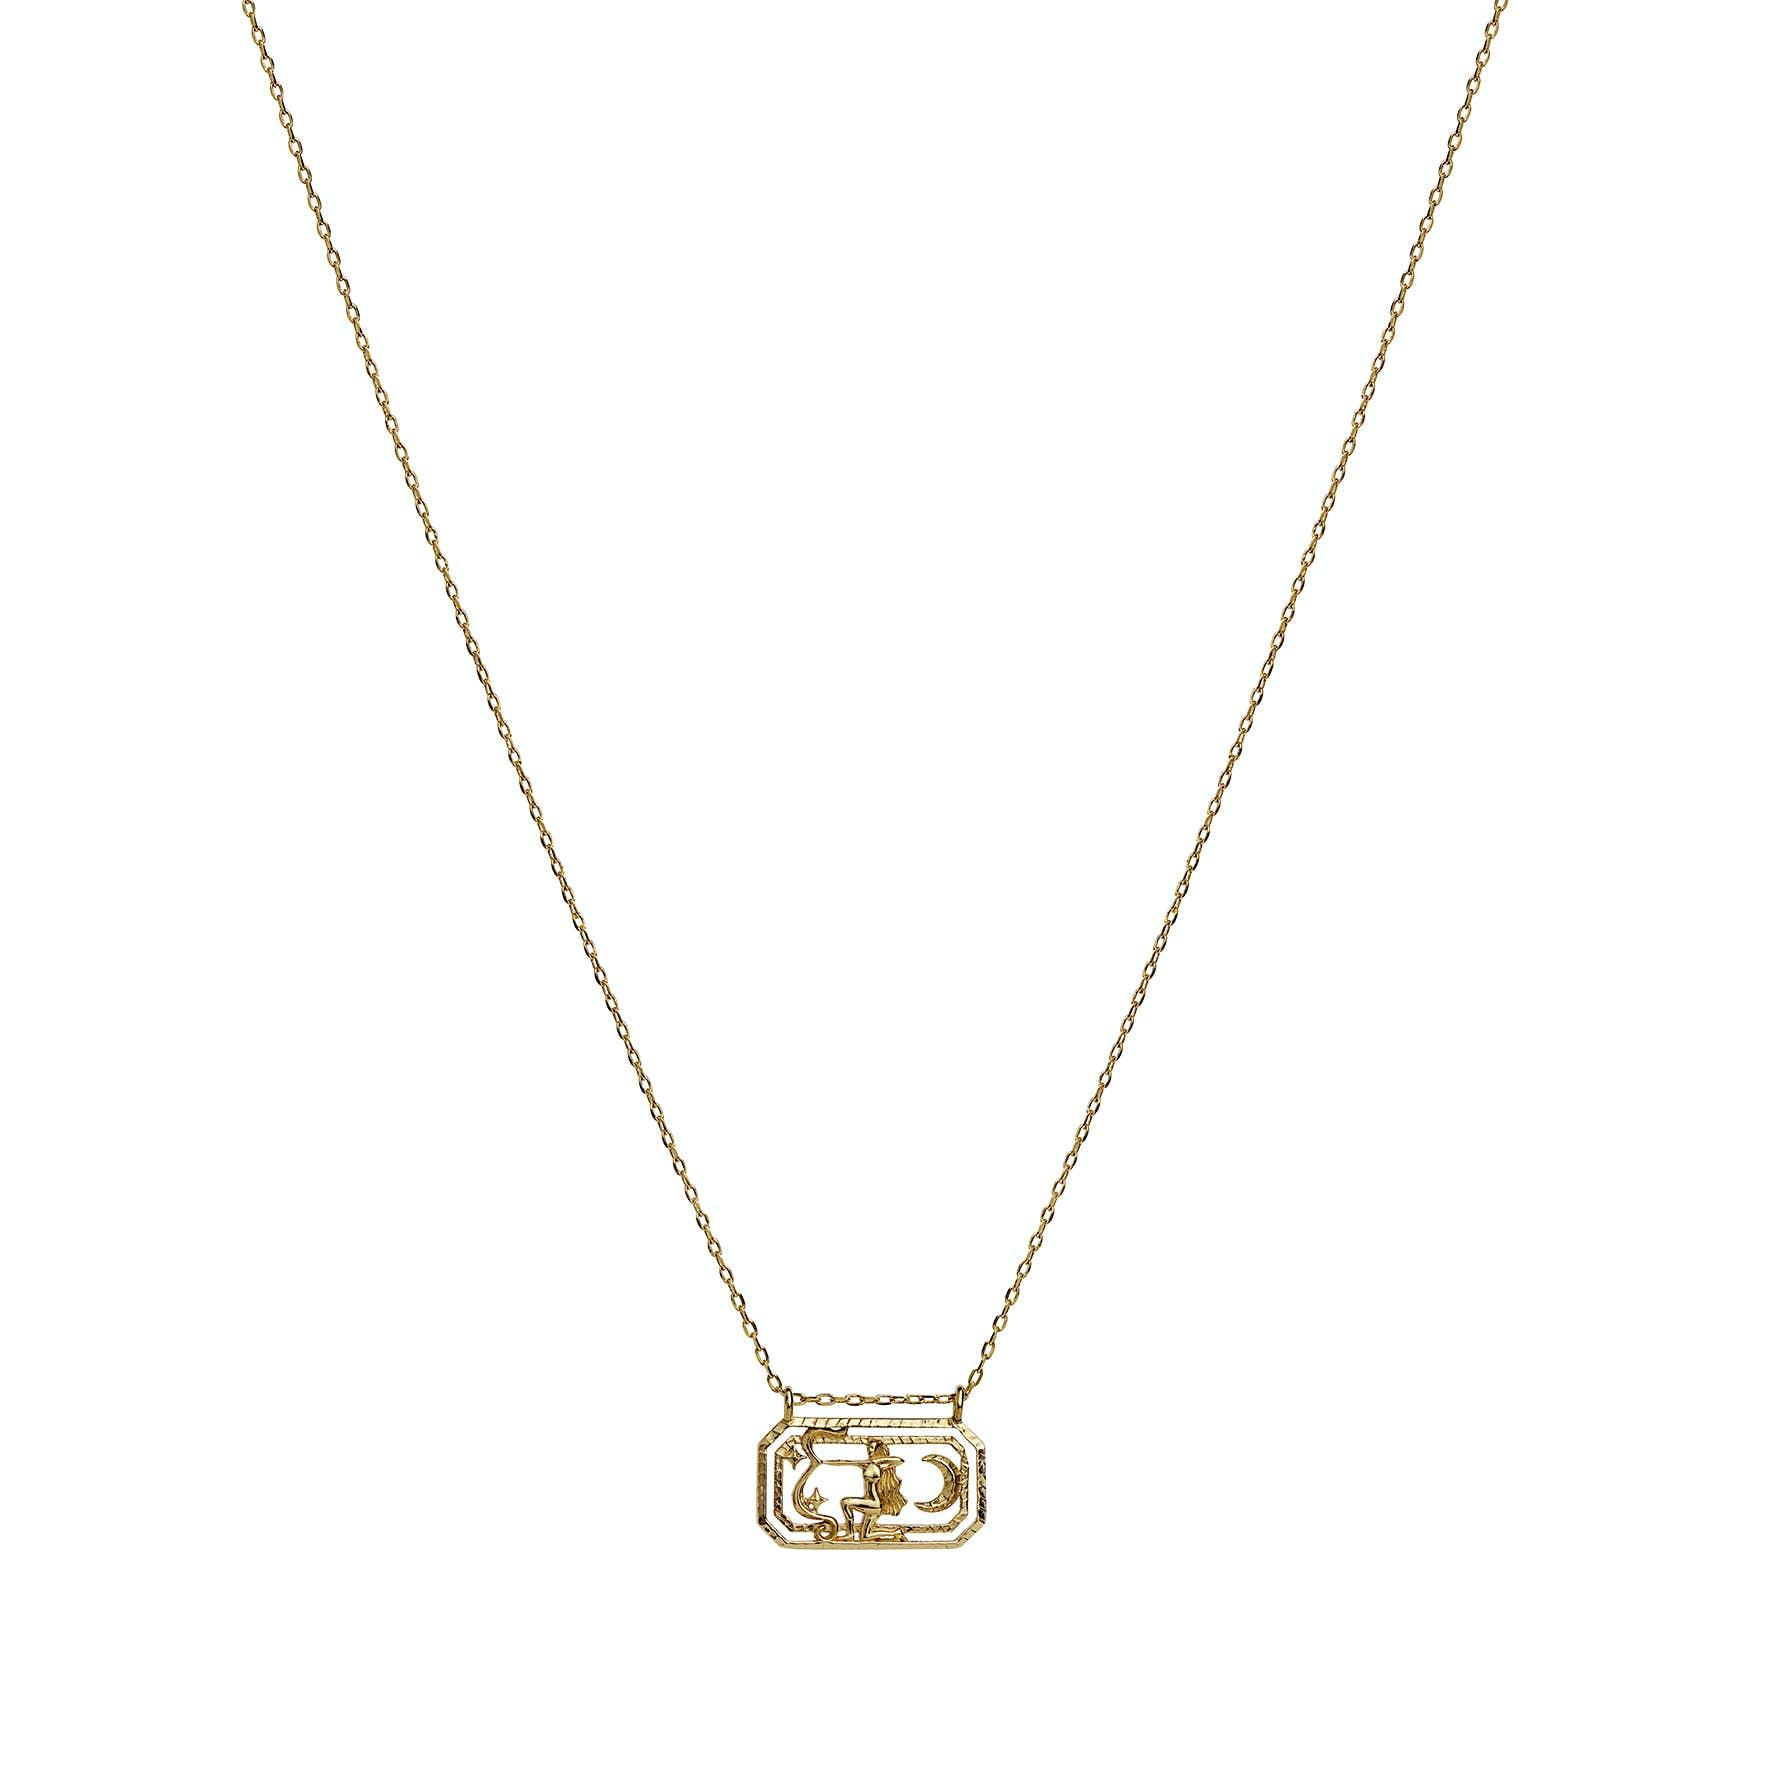 Zodiac Saggitarius Necklace (Nov 23 - Dec 21) von Maanesten in Vergoldet-Silber Sterling 925